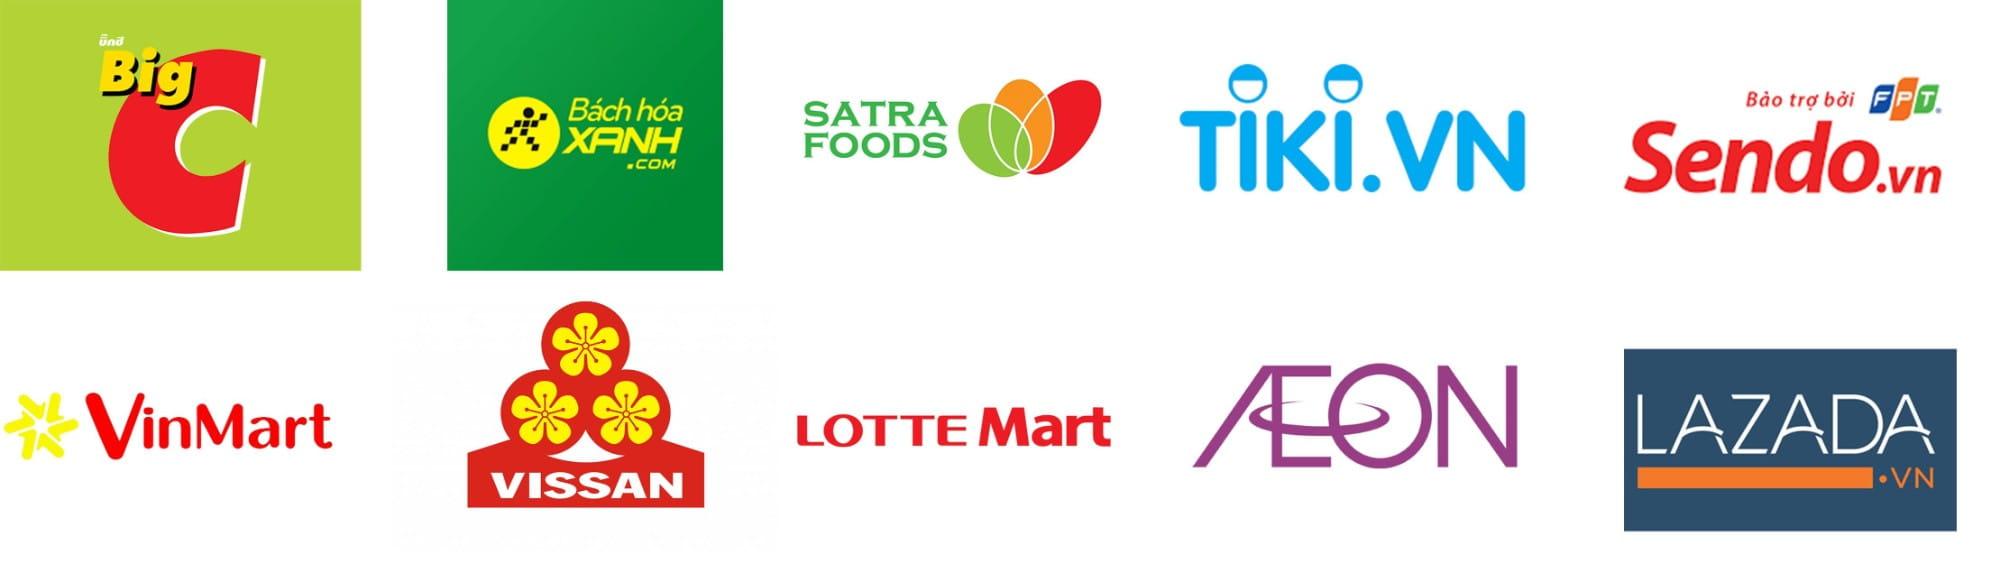 Đối tác hệ thống kênh siêu thị